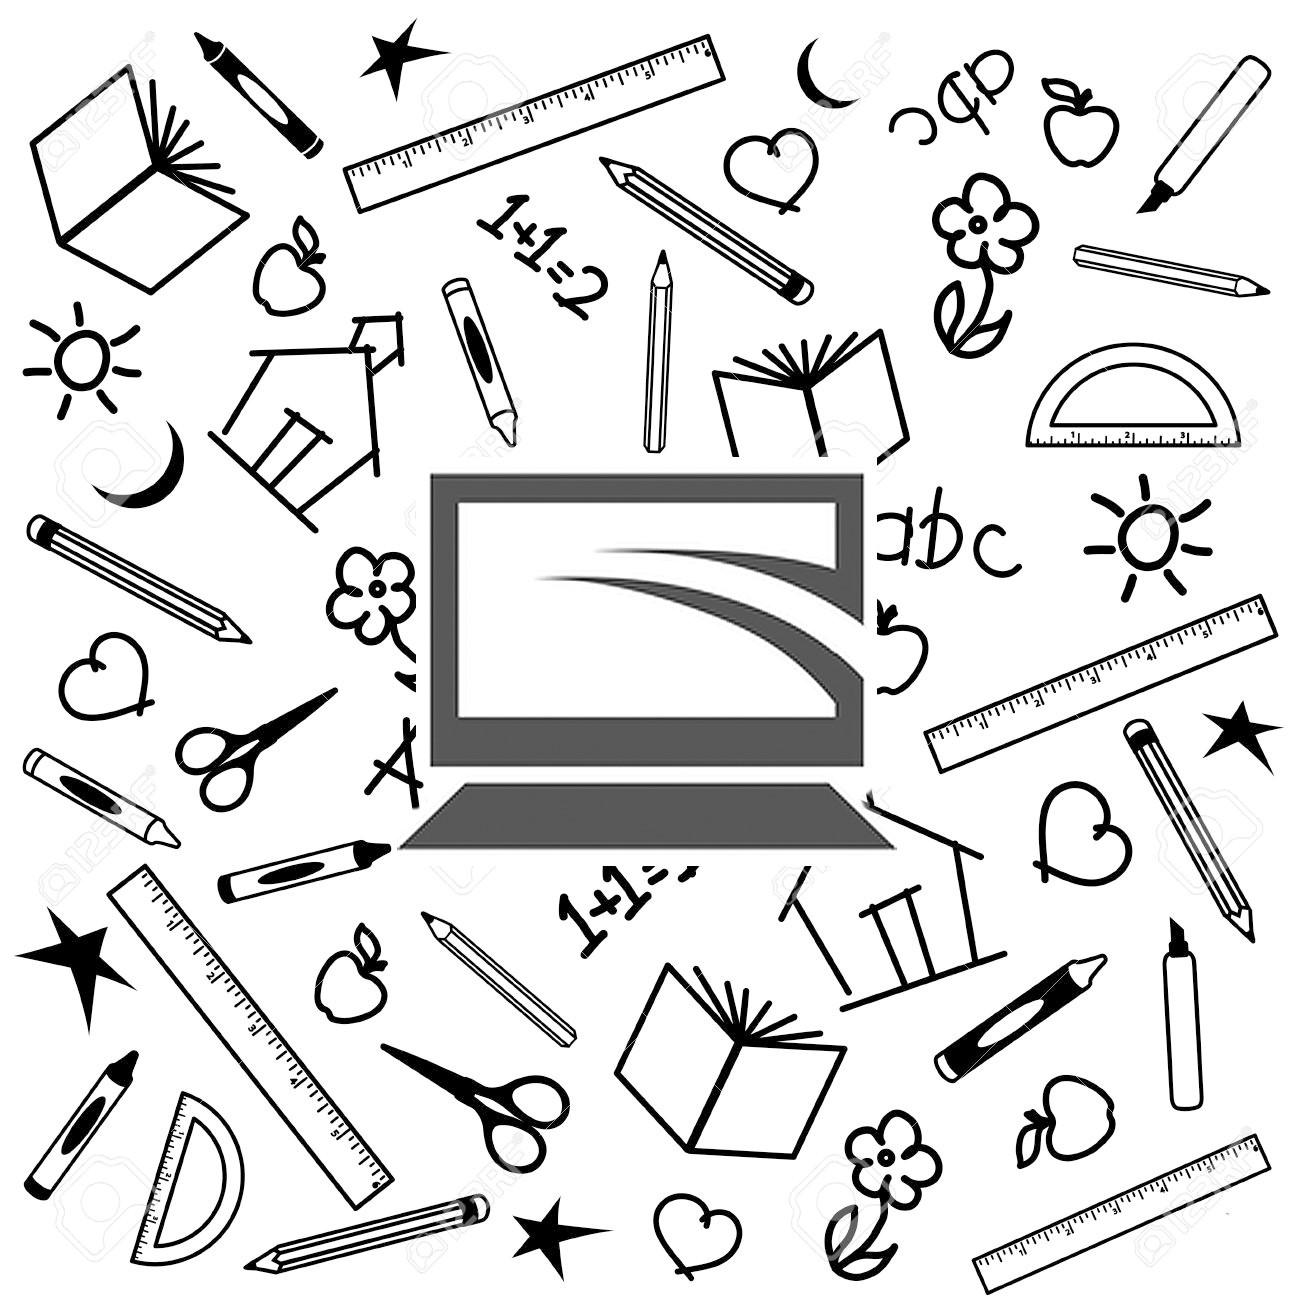 パソコンとたくさんの文房具のイラスト